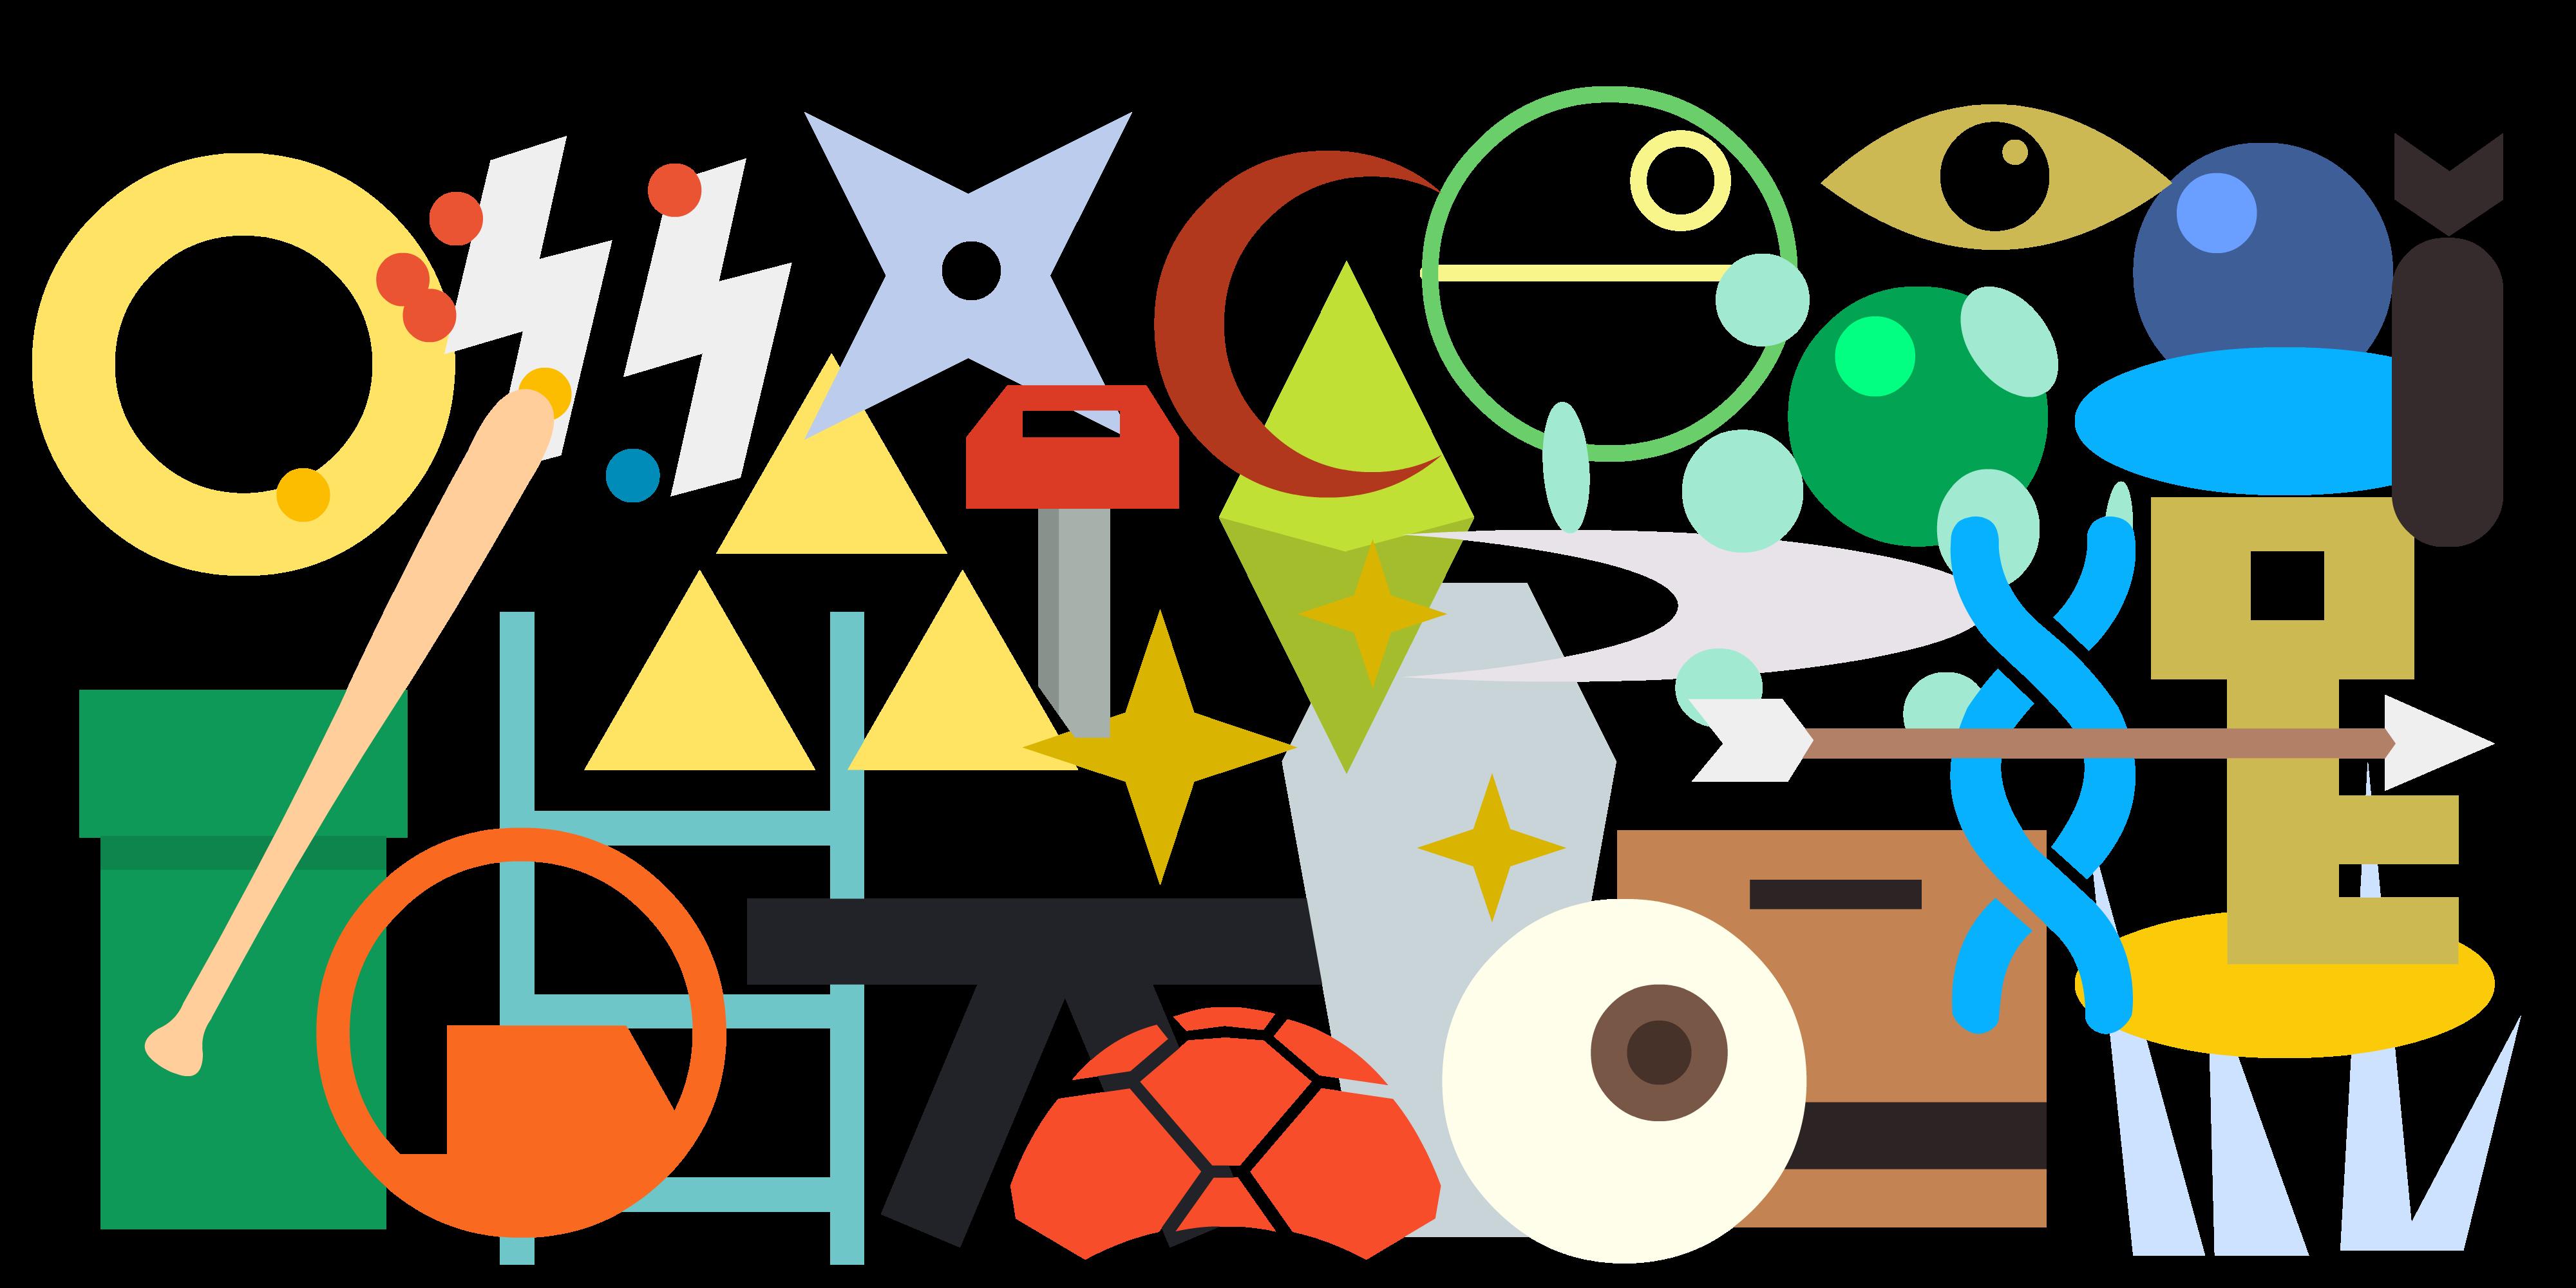 classicgames_cover_2021